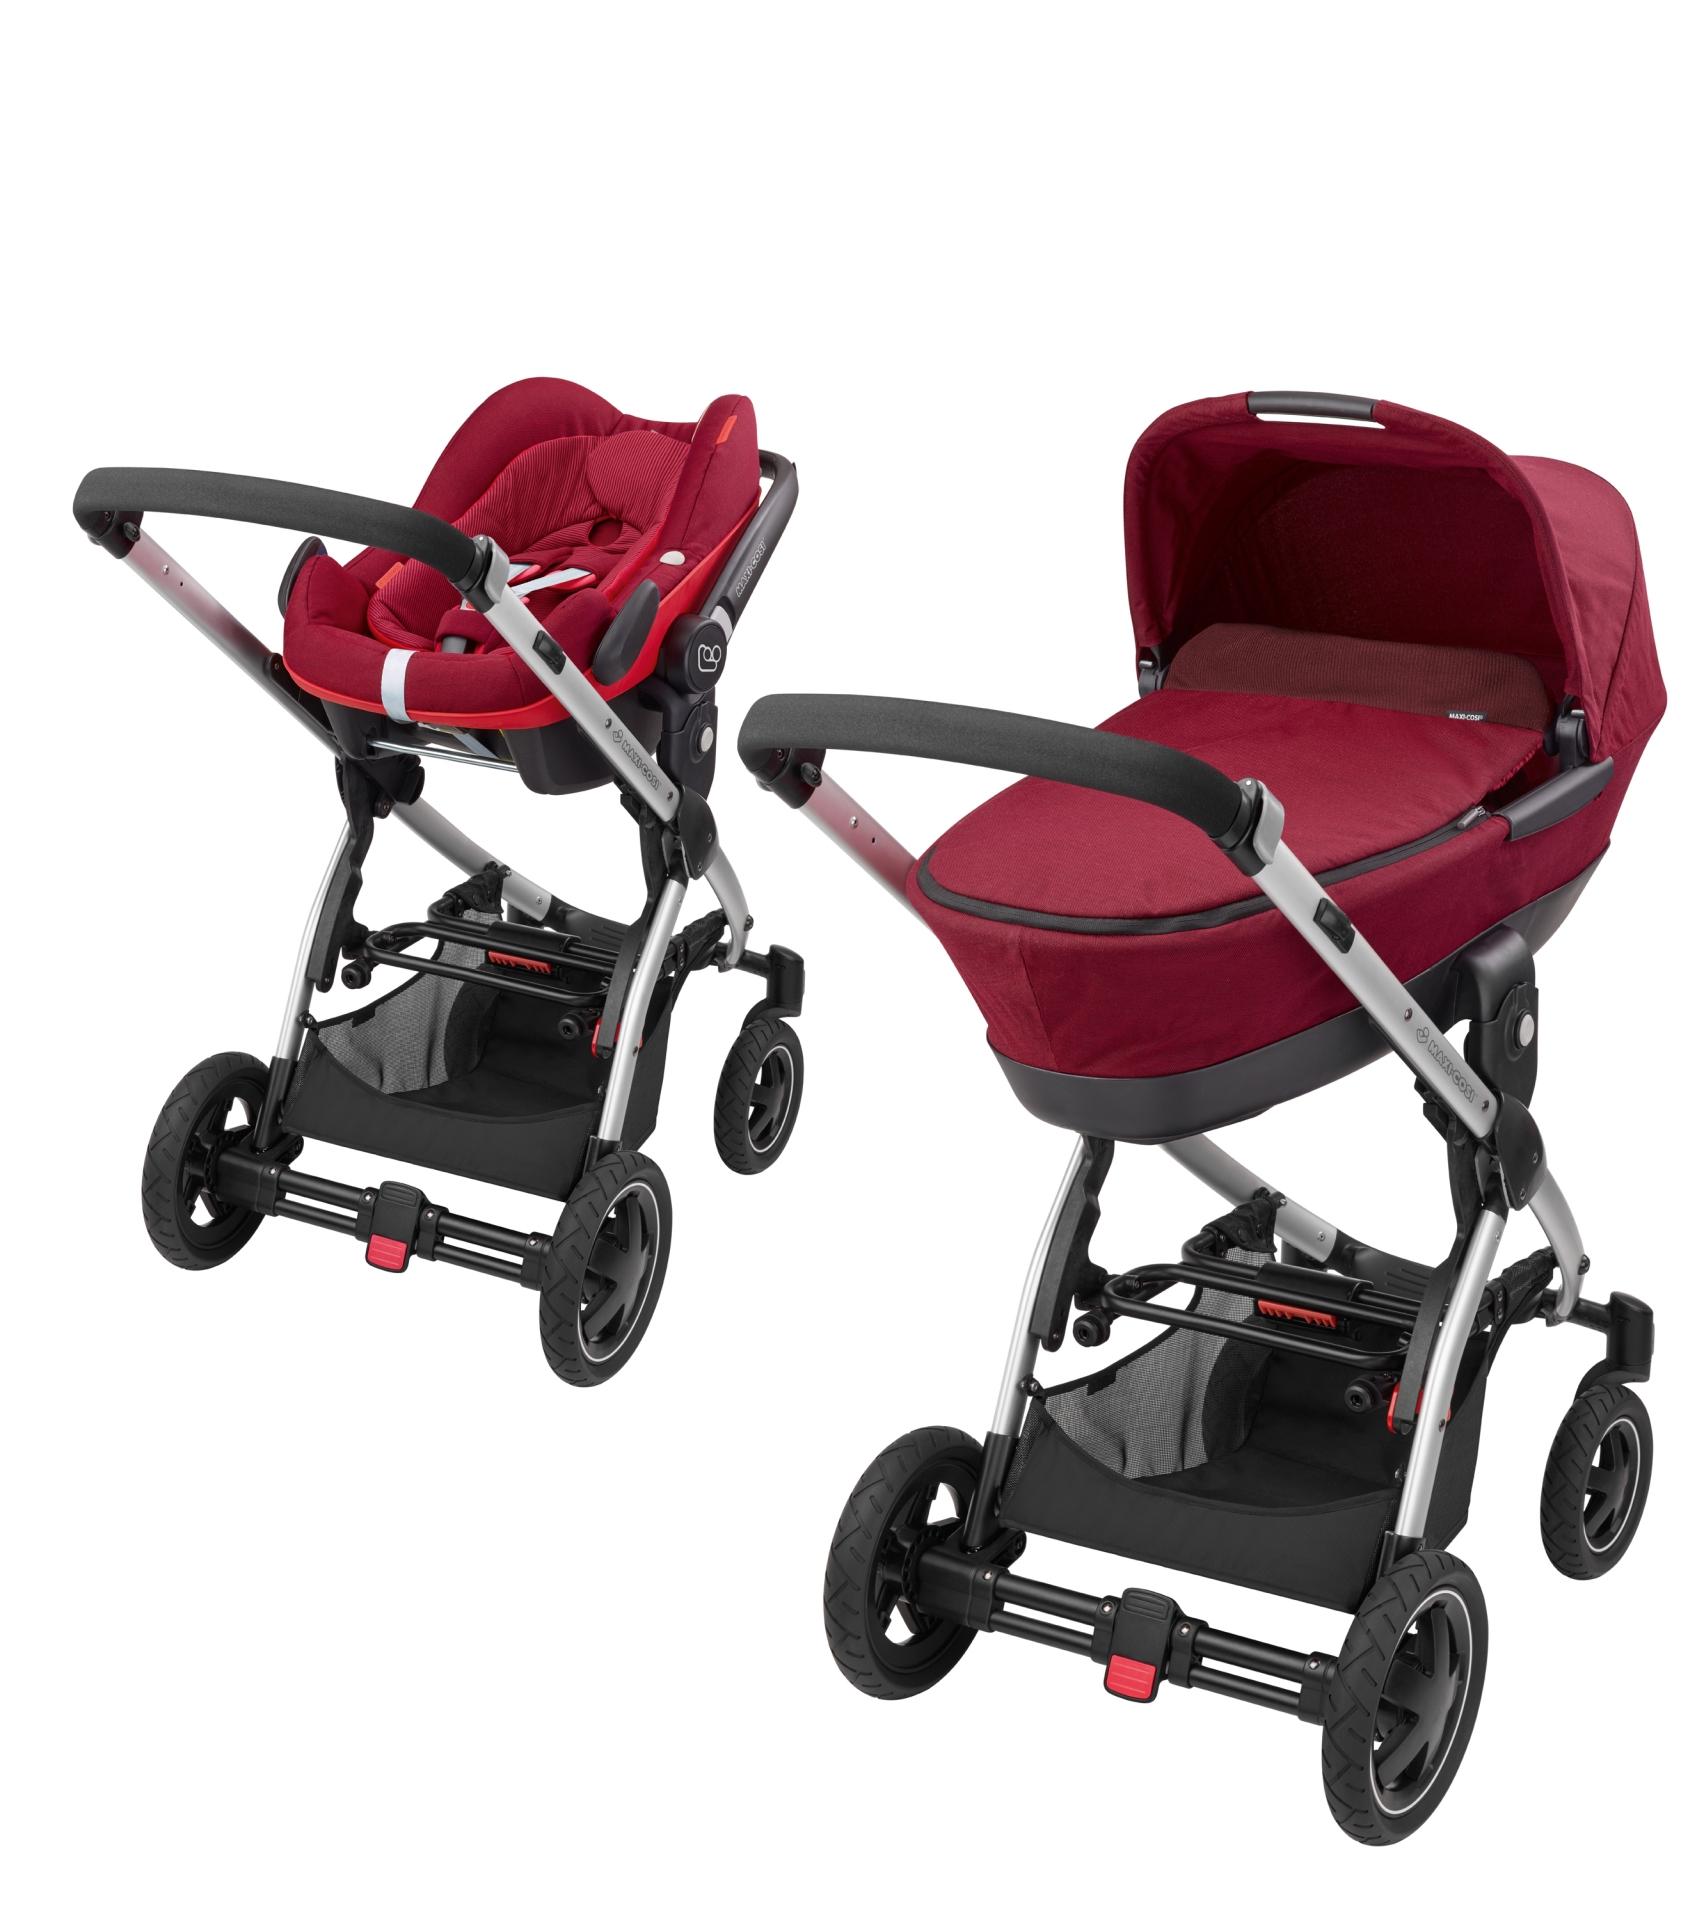 maxi cosi stella inkl kinderwagen aufsatz babyschale pebble online kaufen bei kidsroom. Black Bedroom Furniture Sets. Home Design Ideas